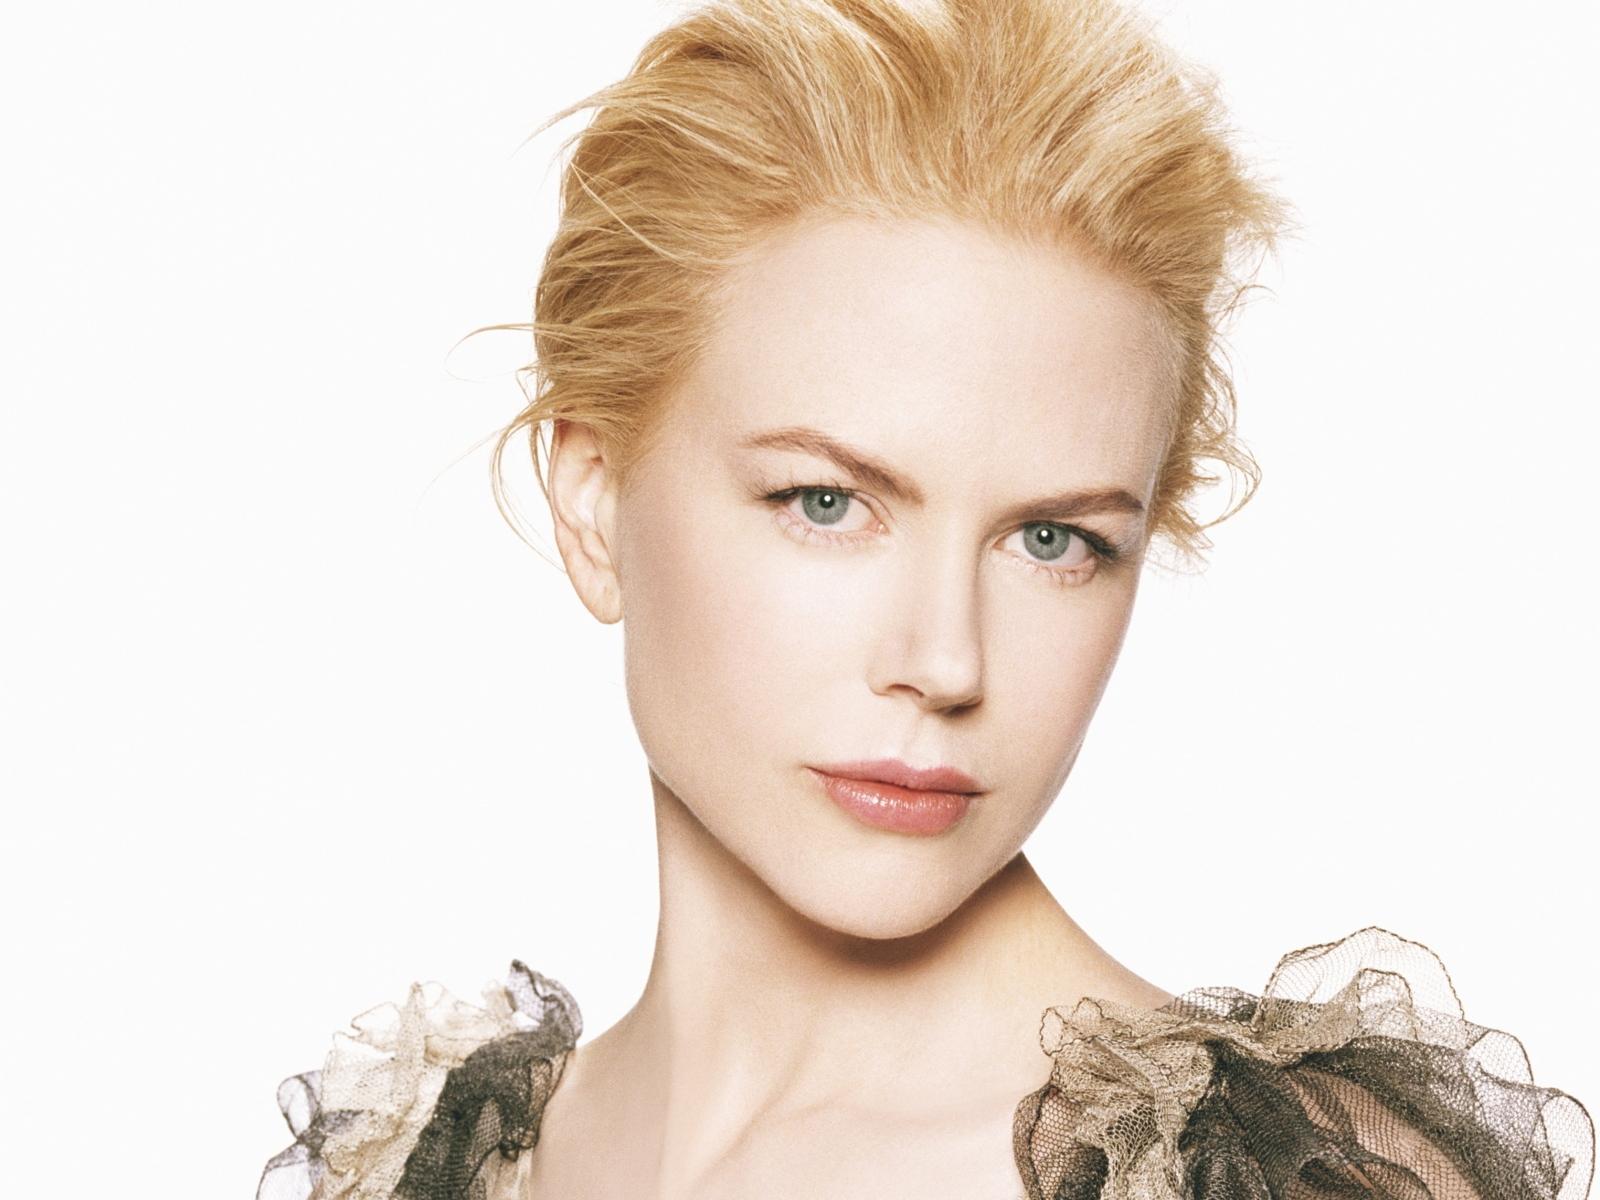 Nicole-Kidman-imagen